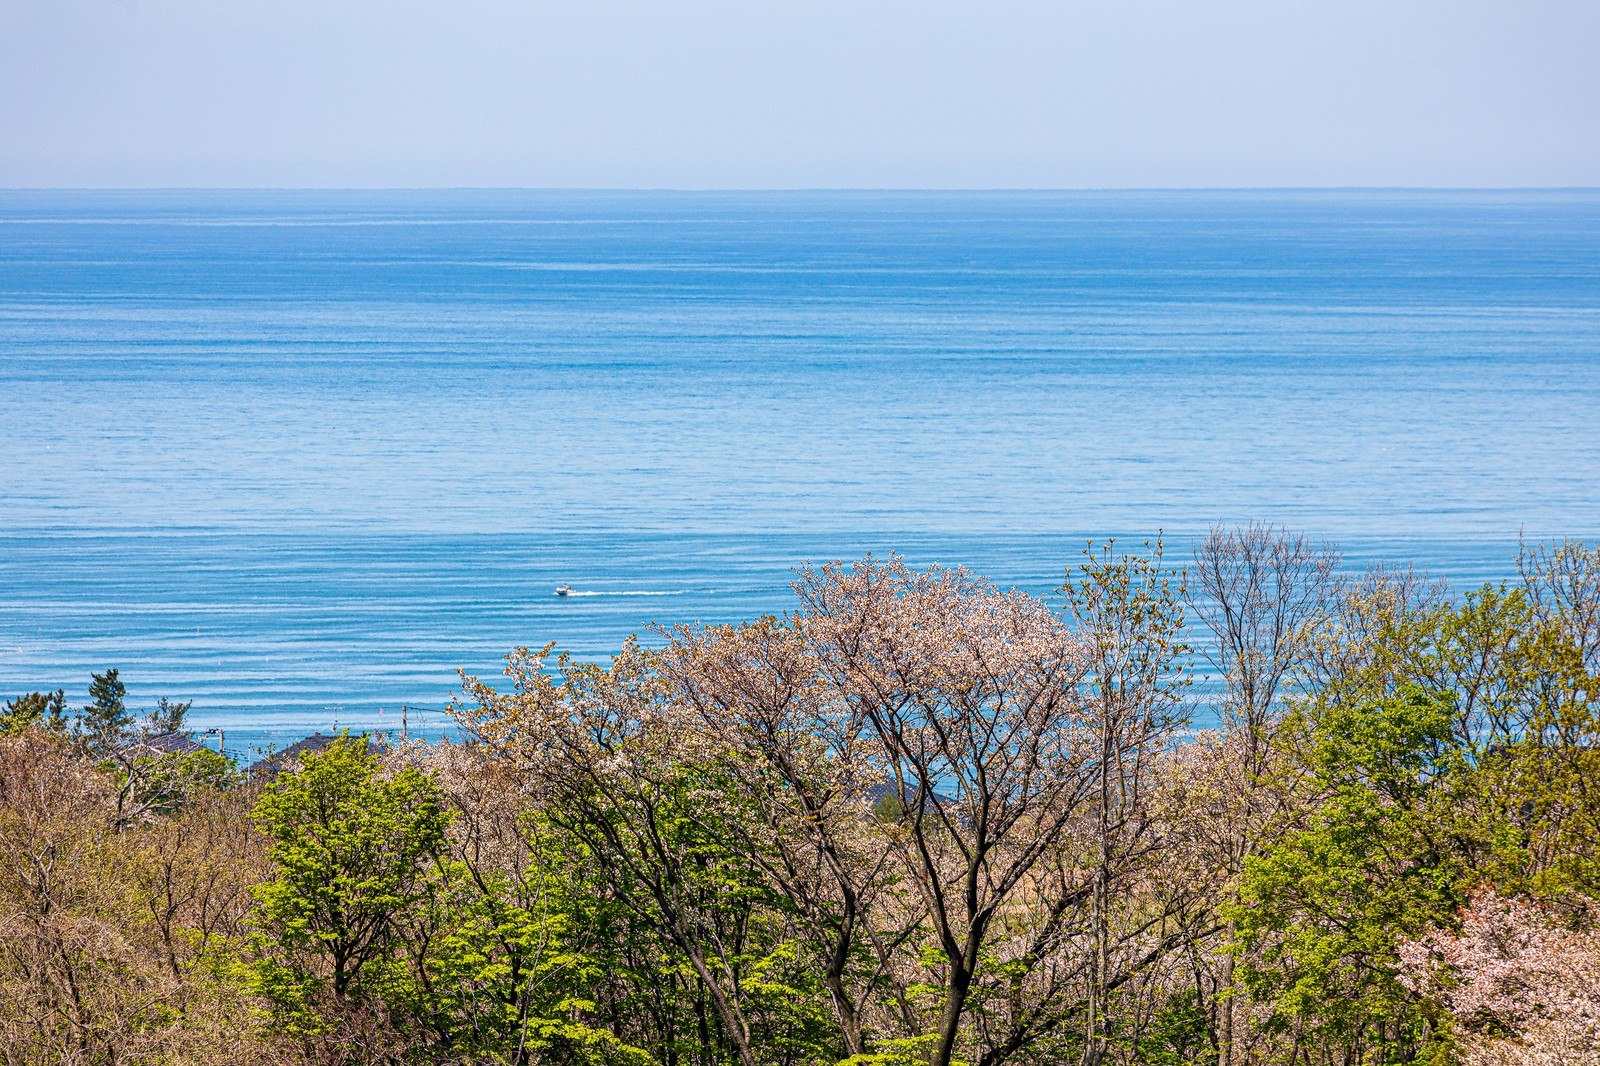 「高台から見下ろす静かな海」の写真